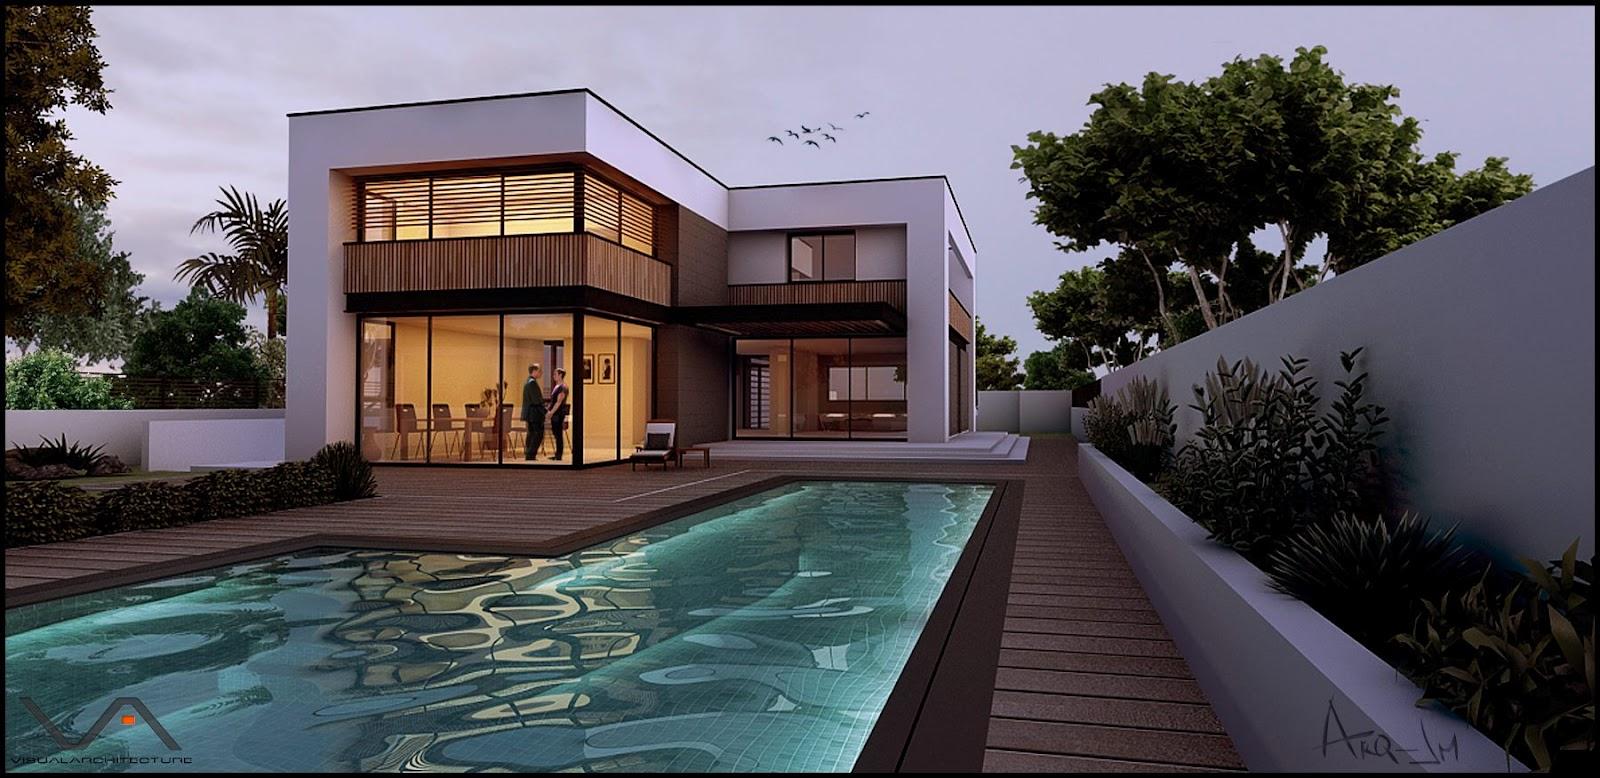 Nomeradona SketchUp VR: SSMDS_6: MS House by Juan Manuel Ariza